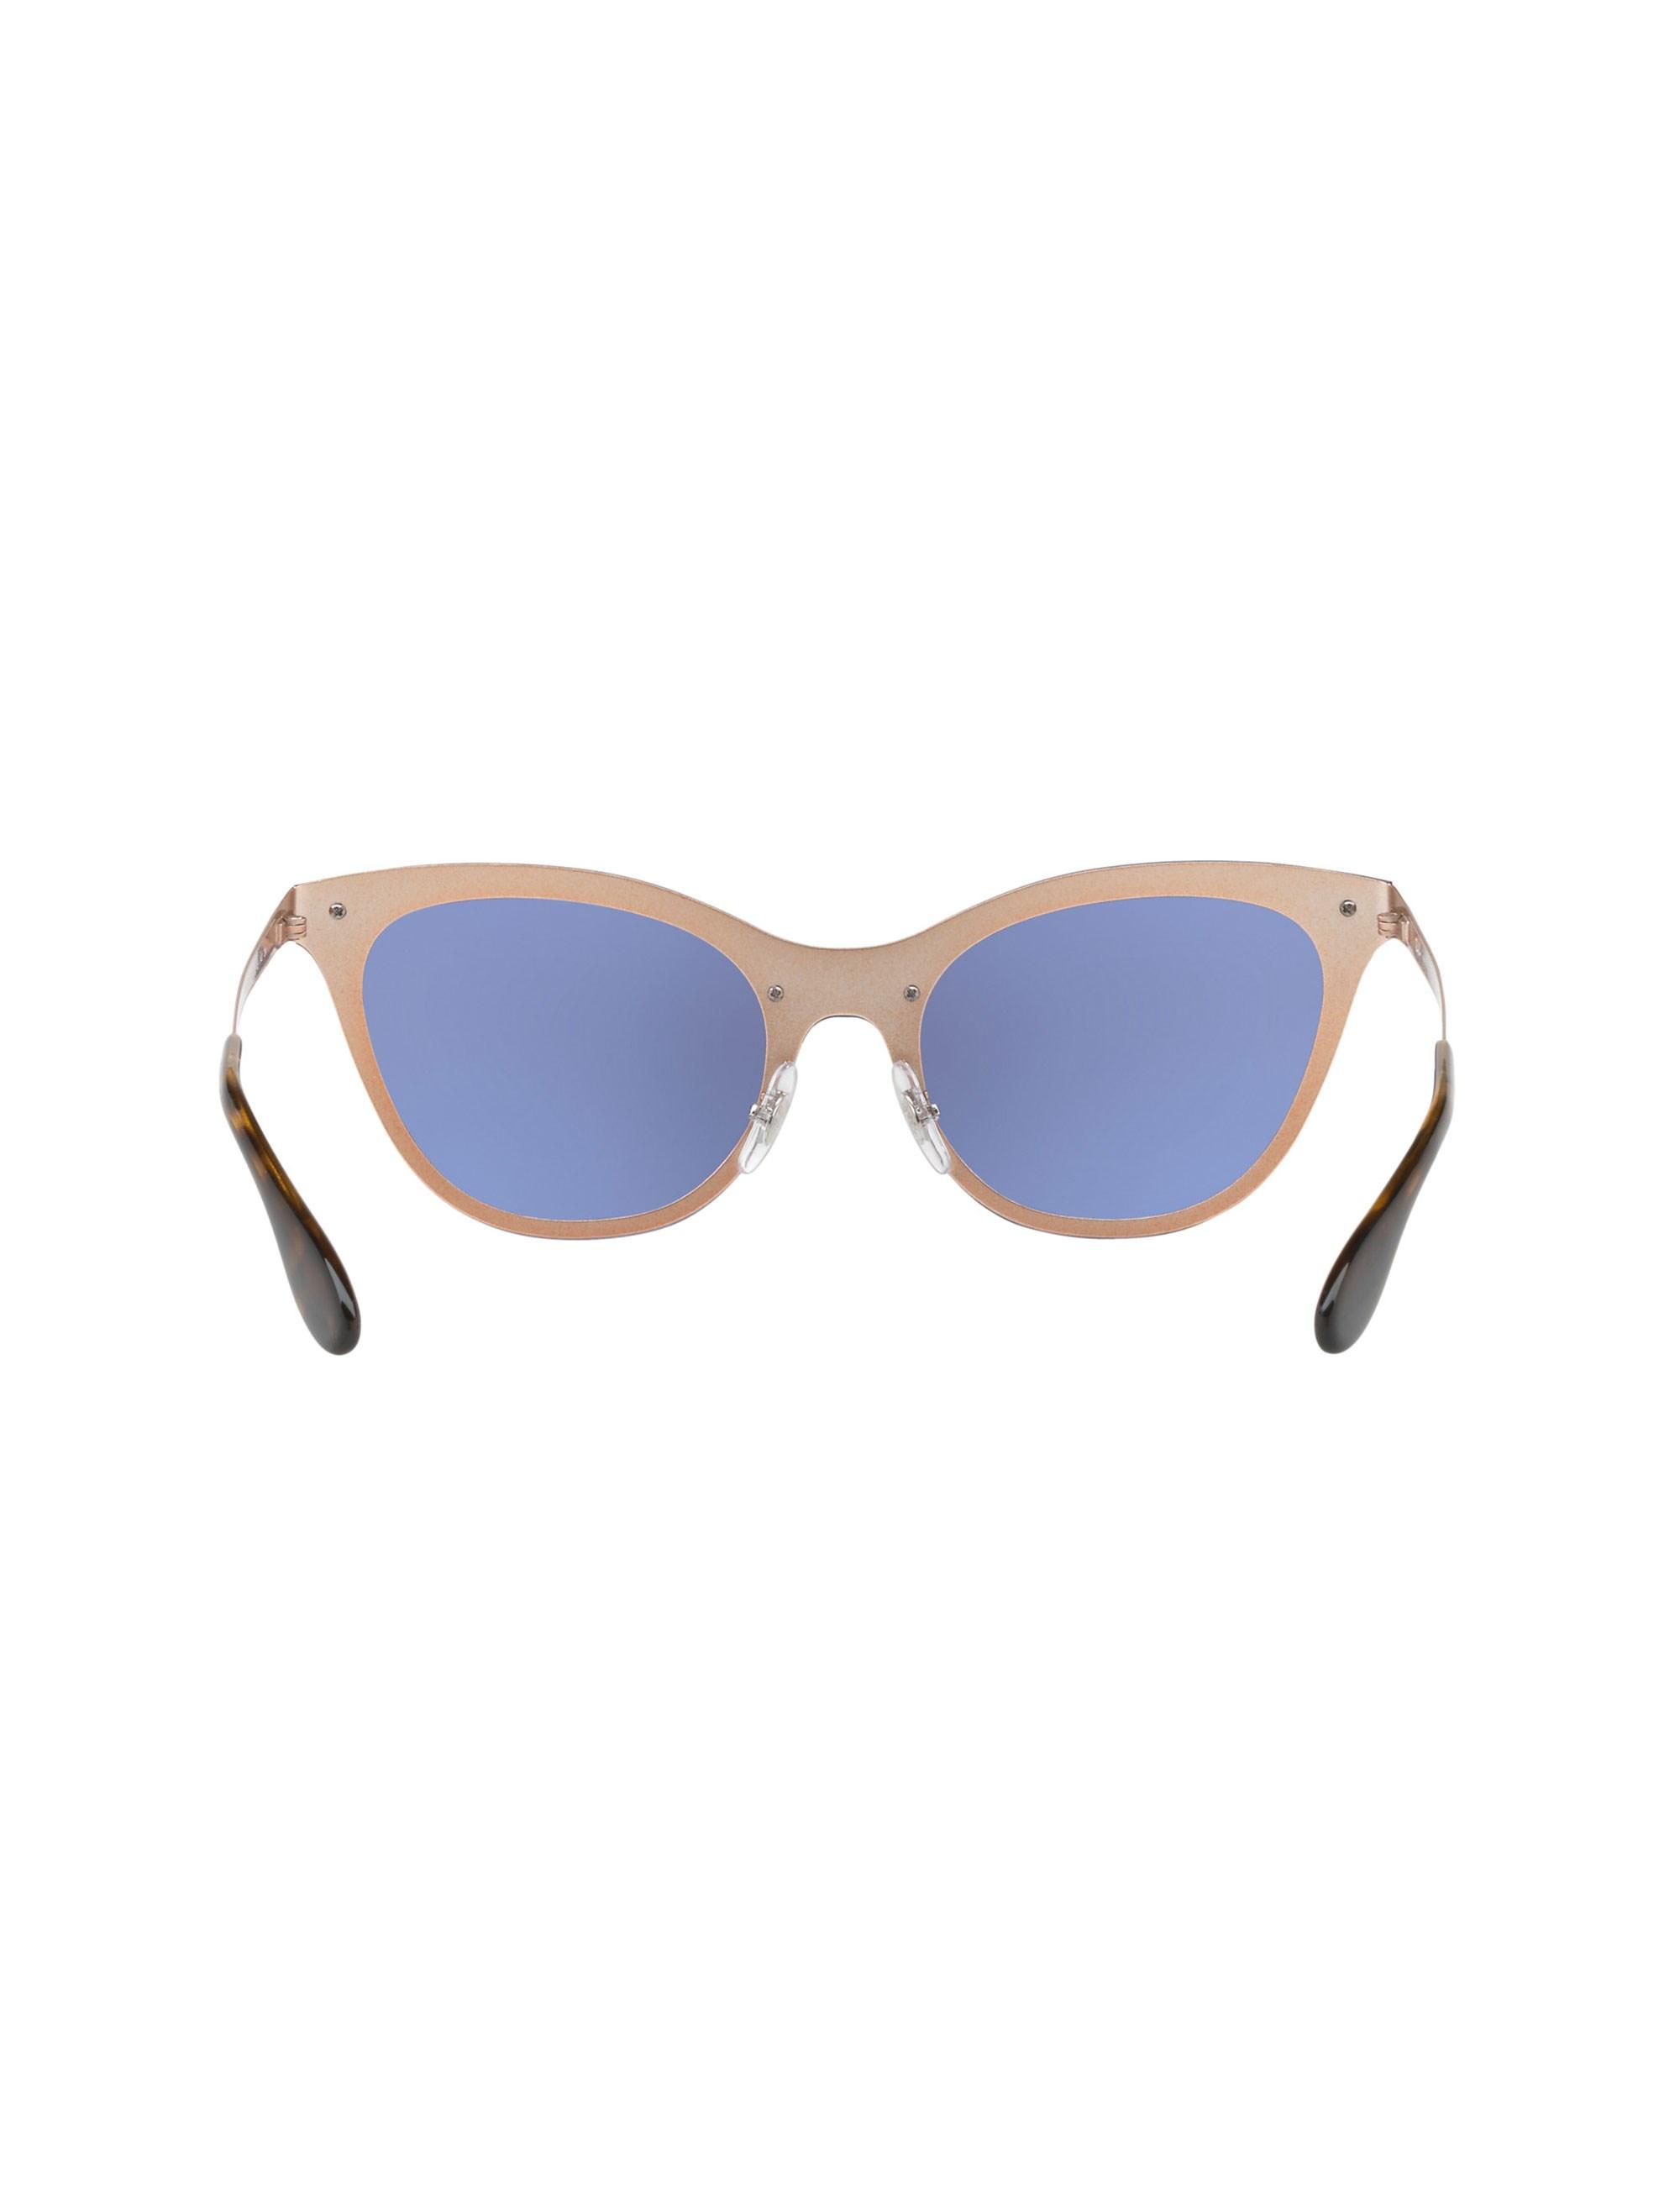 عینک آفتابی گربه ای زنانه - ری بن - مسي - 4